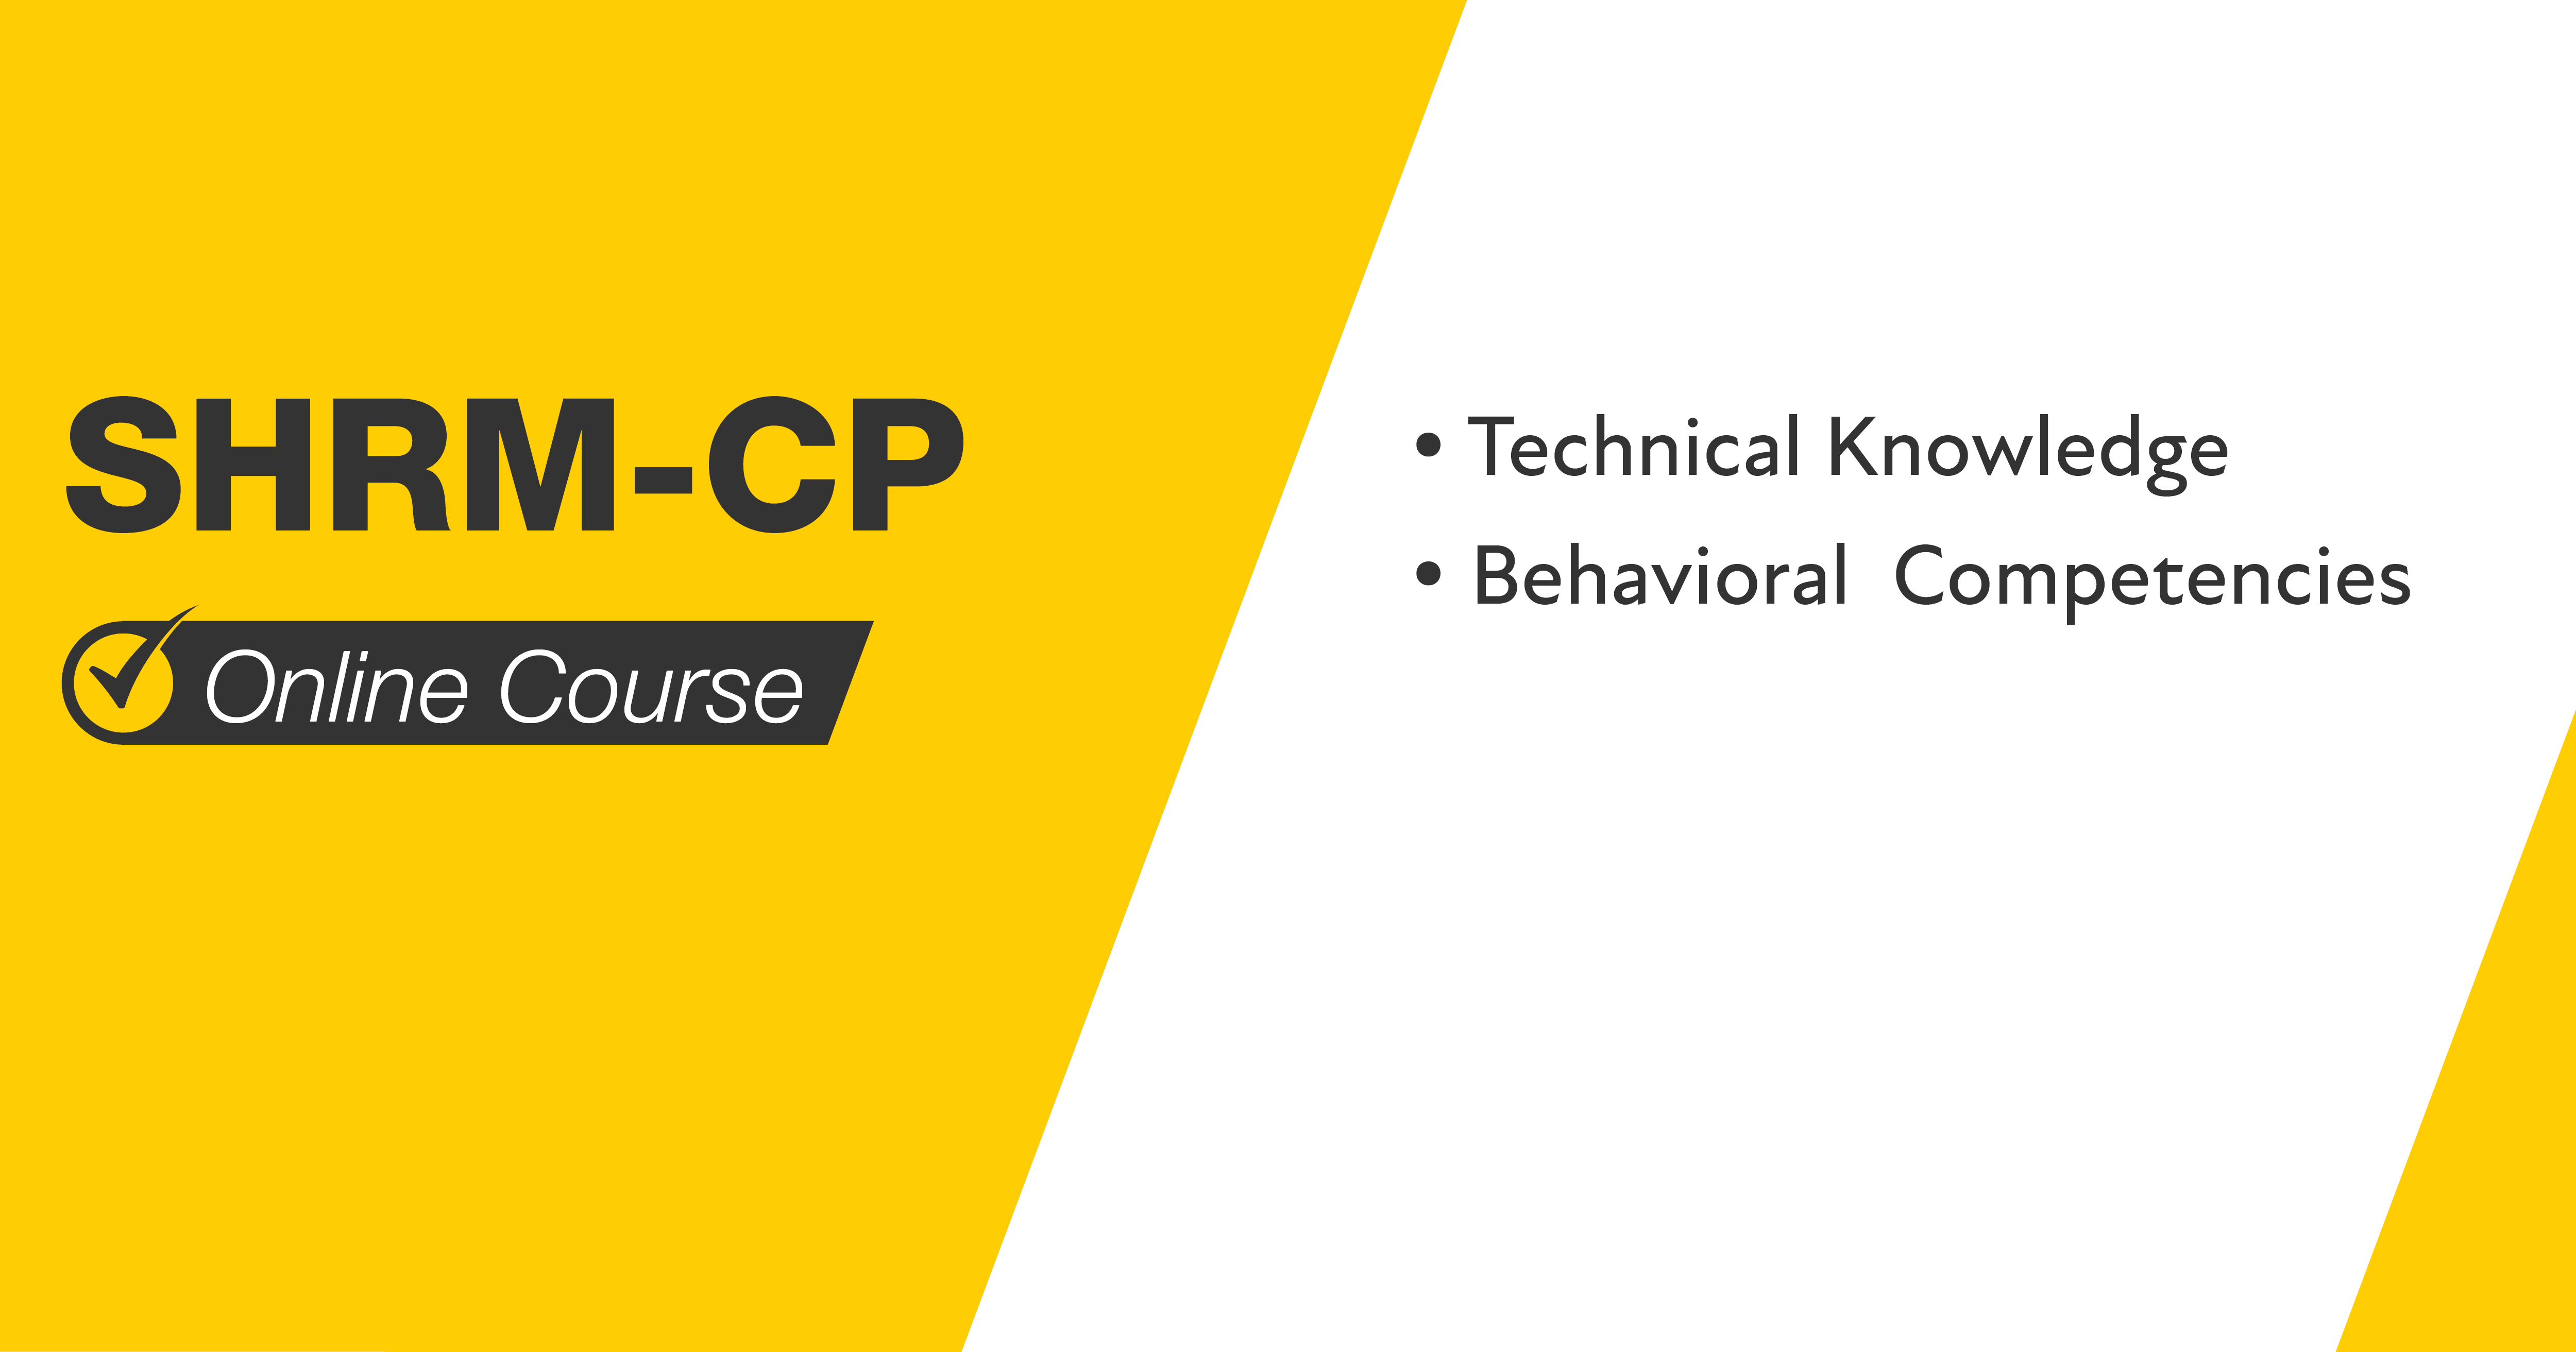 Mometrix SHRM-CP Course